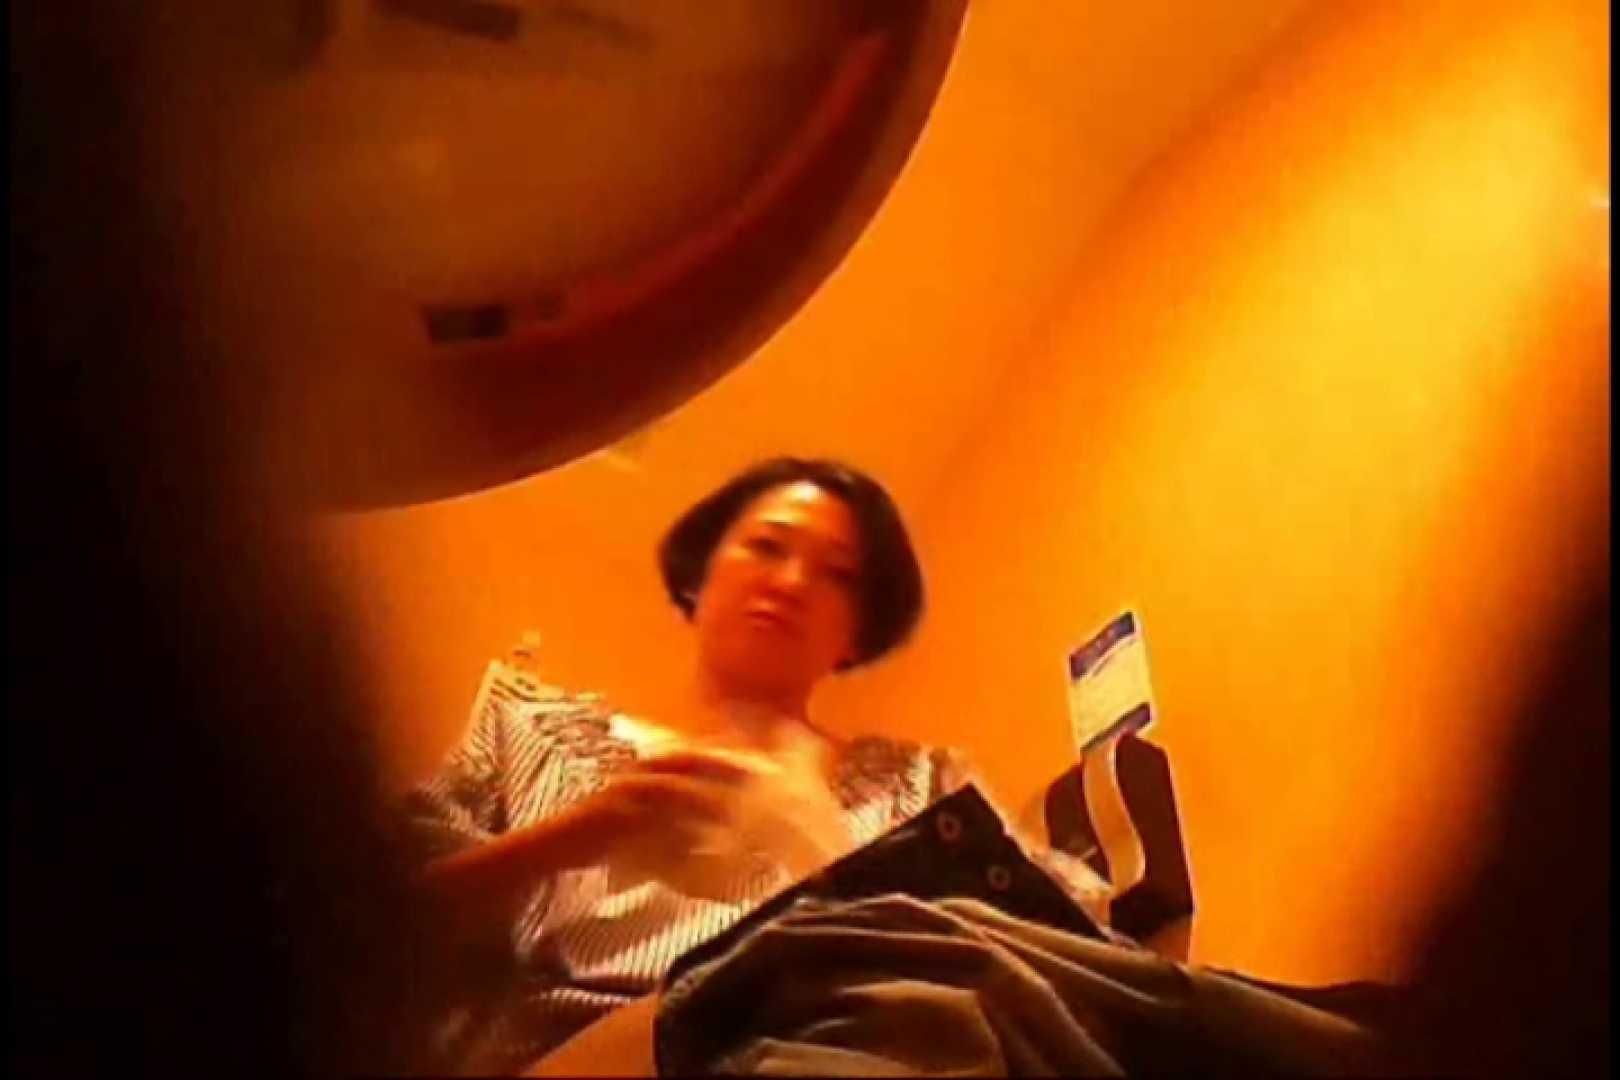 潜入!!女子化粧室盗撮~絶対見られたくない時間~vo,62 熟女のエロ動画  81PIX 60